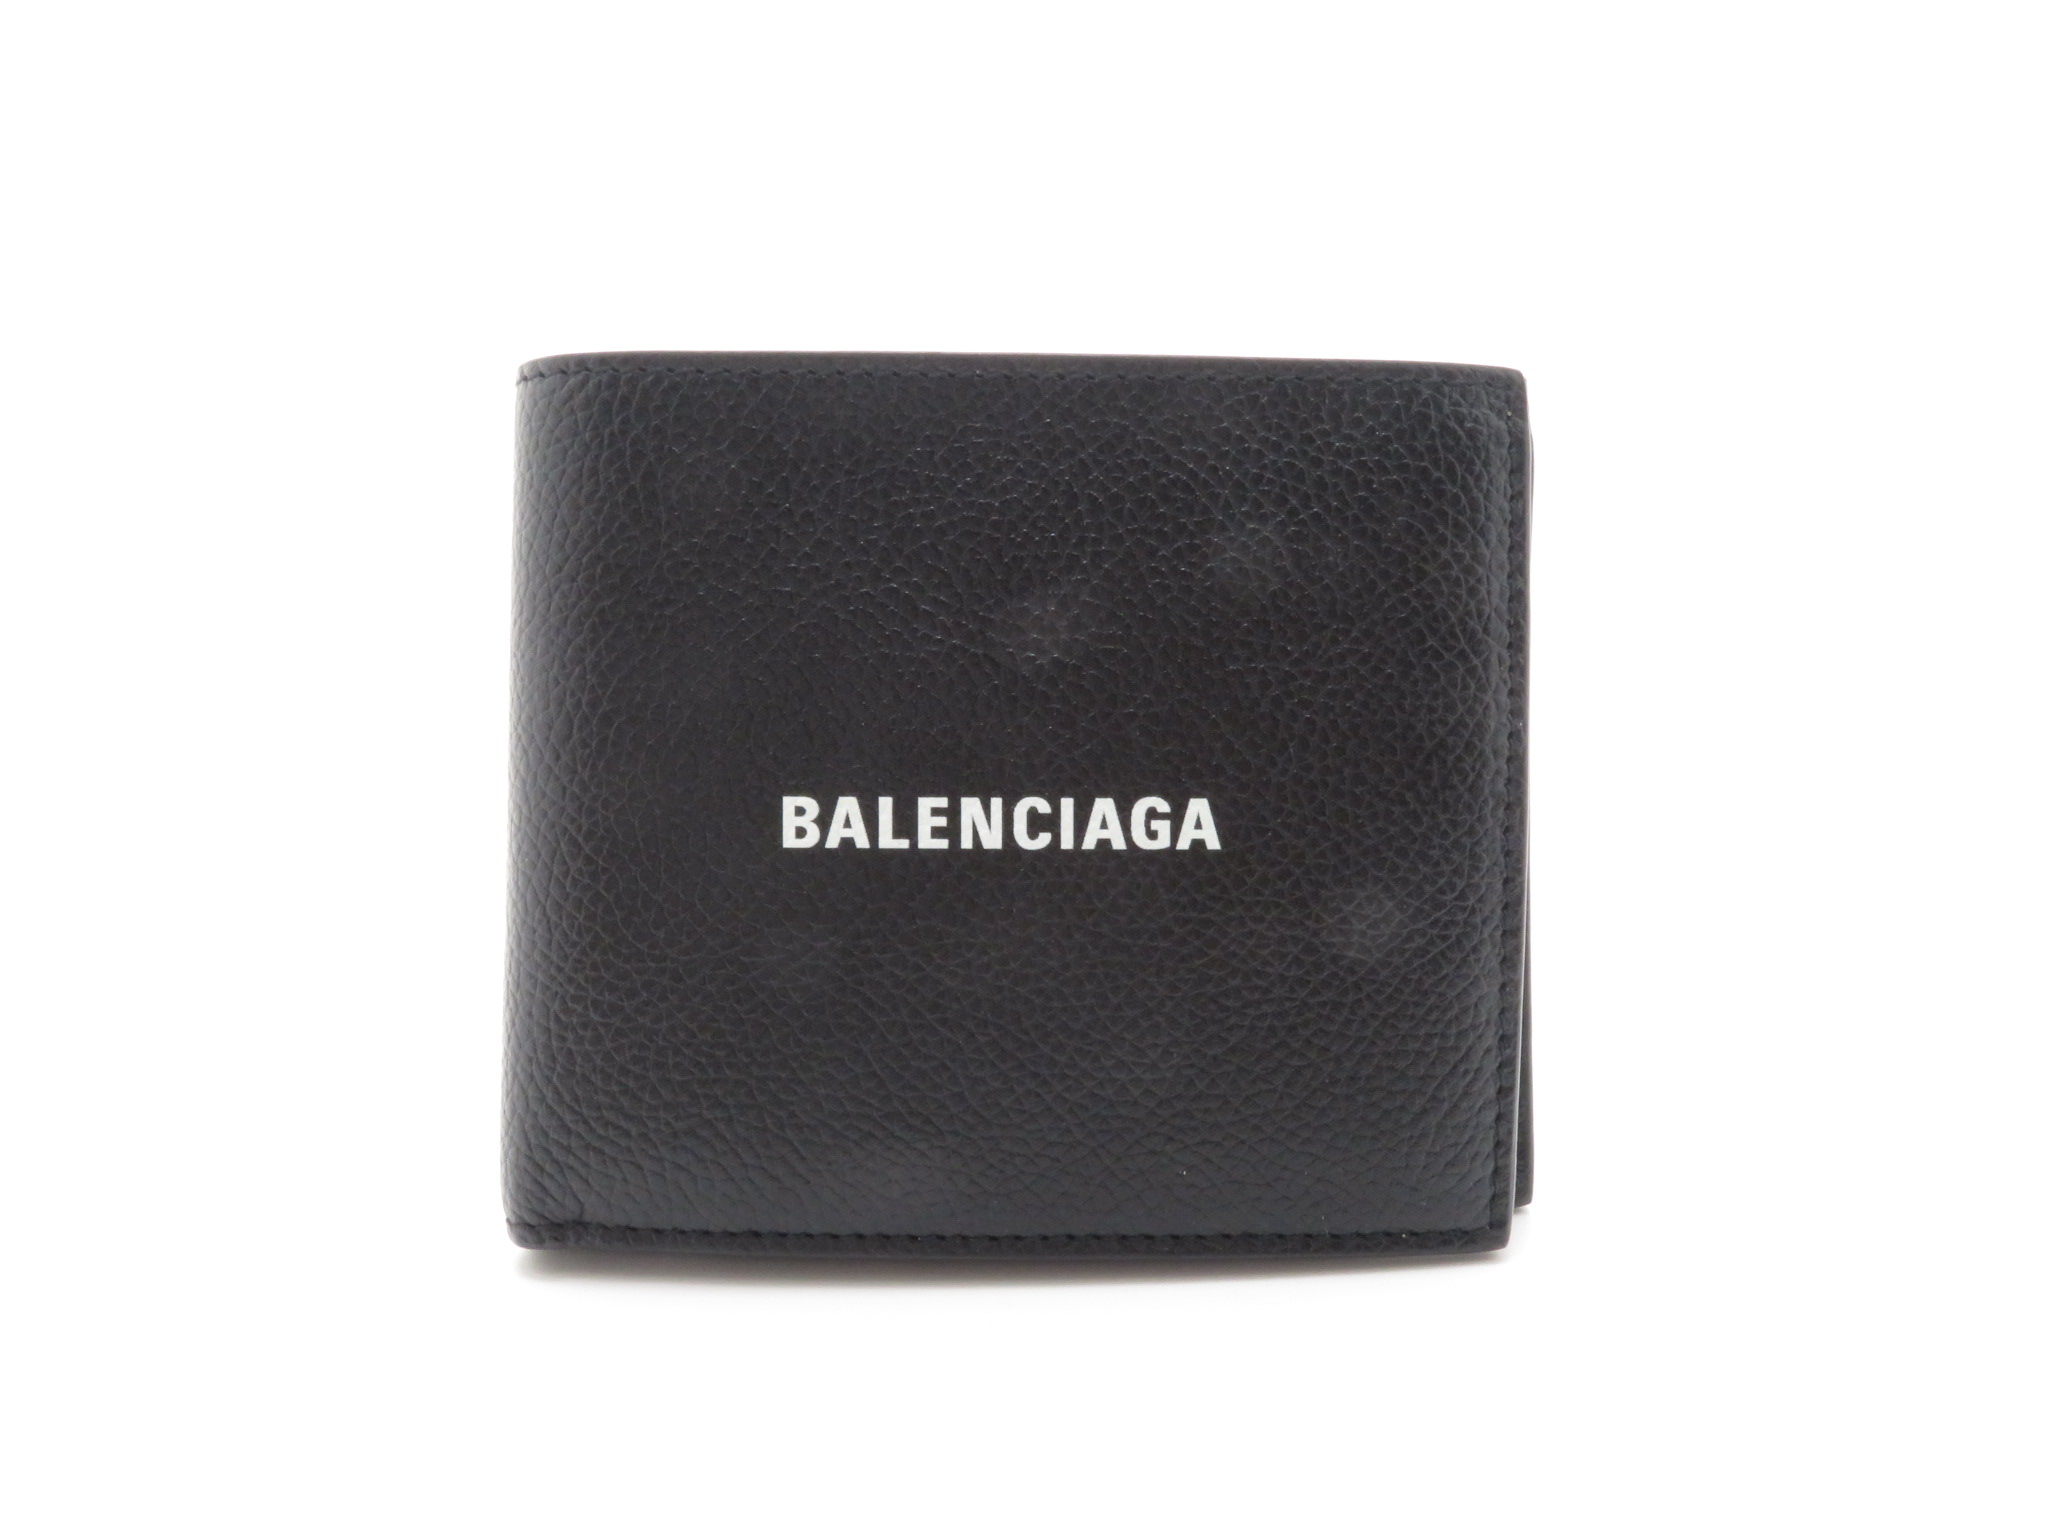 BALENCIAGA  バレンシアガ キャッシュスクエアウォレット 二つ折り財布 ブラック カーフ 594315【431】